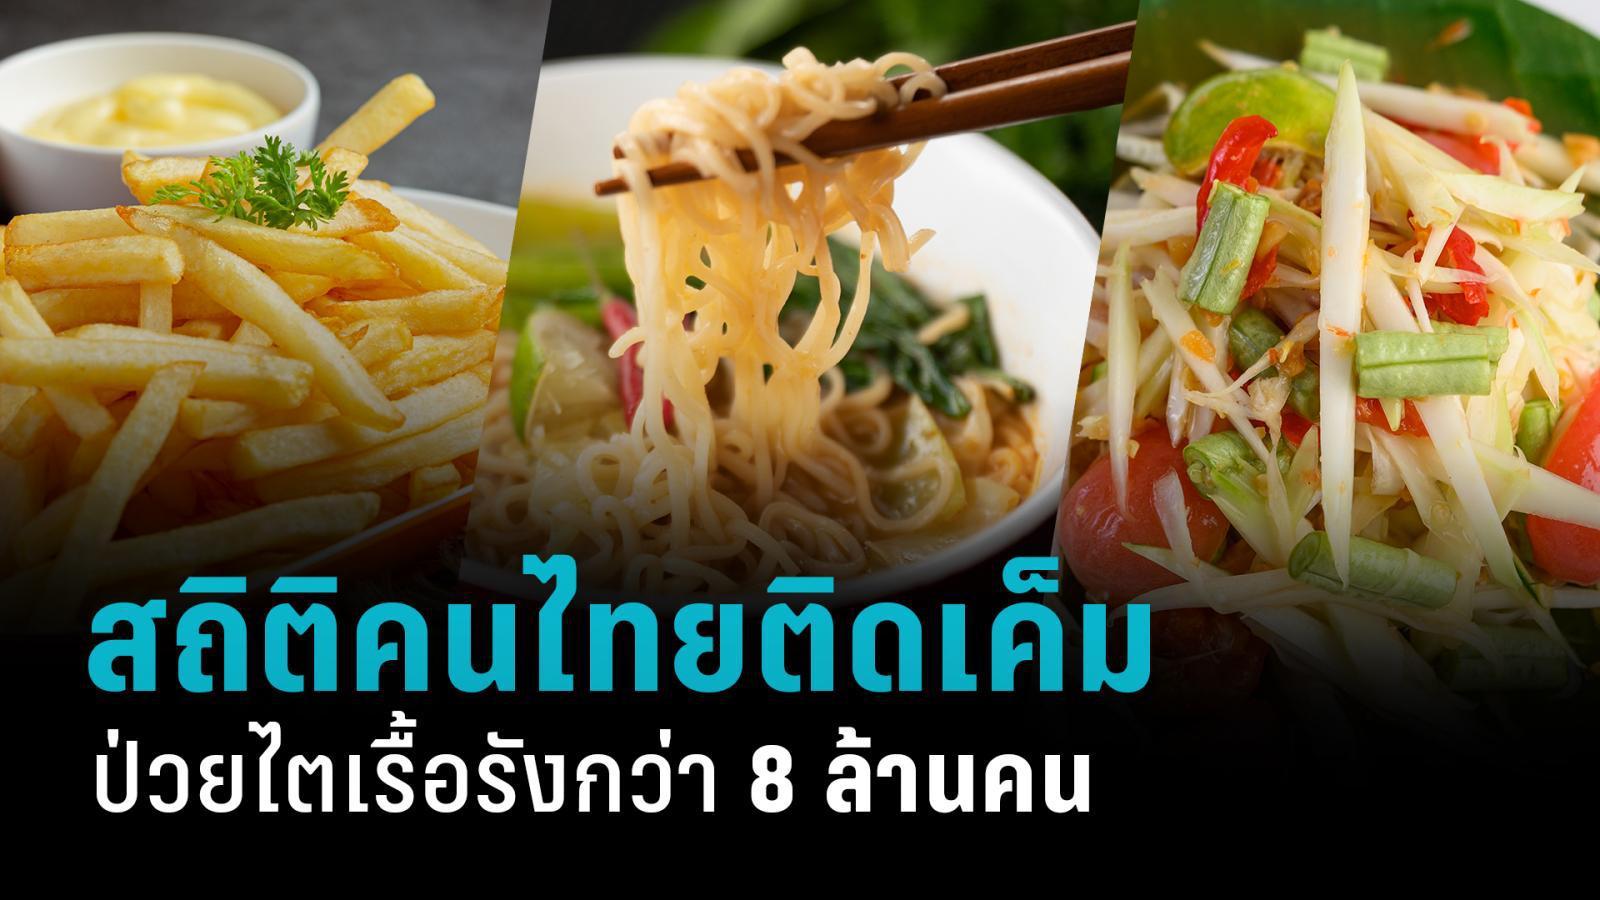 สถิติคนไทยติดเค็ม ป่วยไตเรื้อรังกว่า 8 ล้านคน